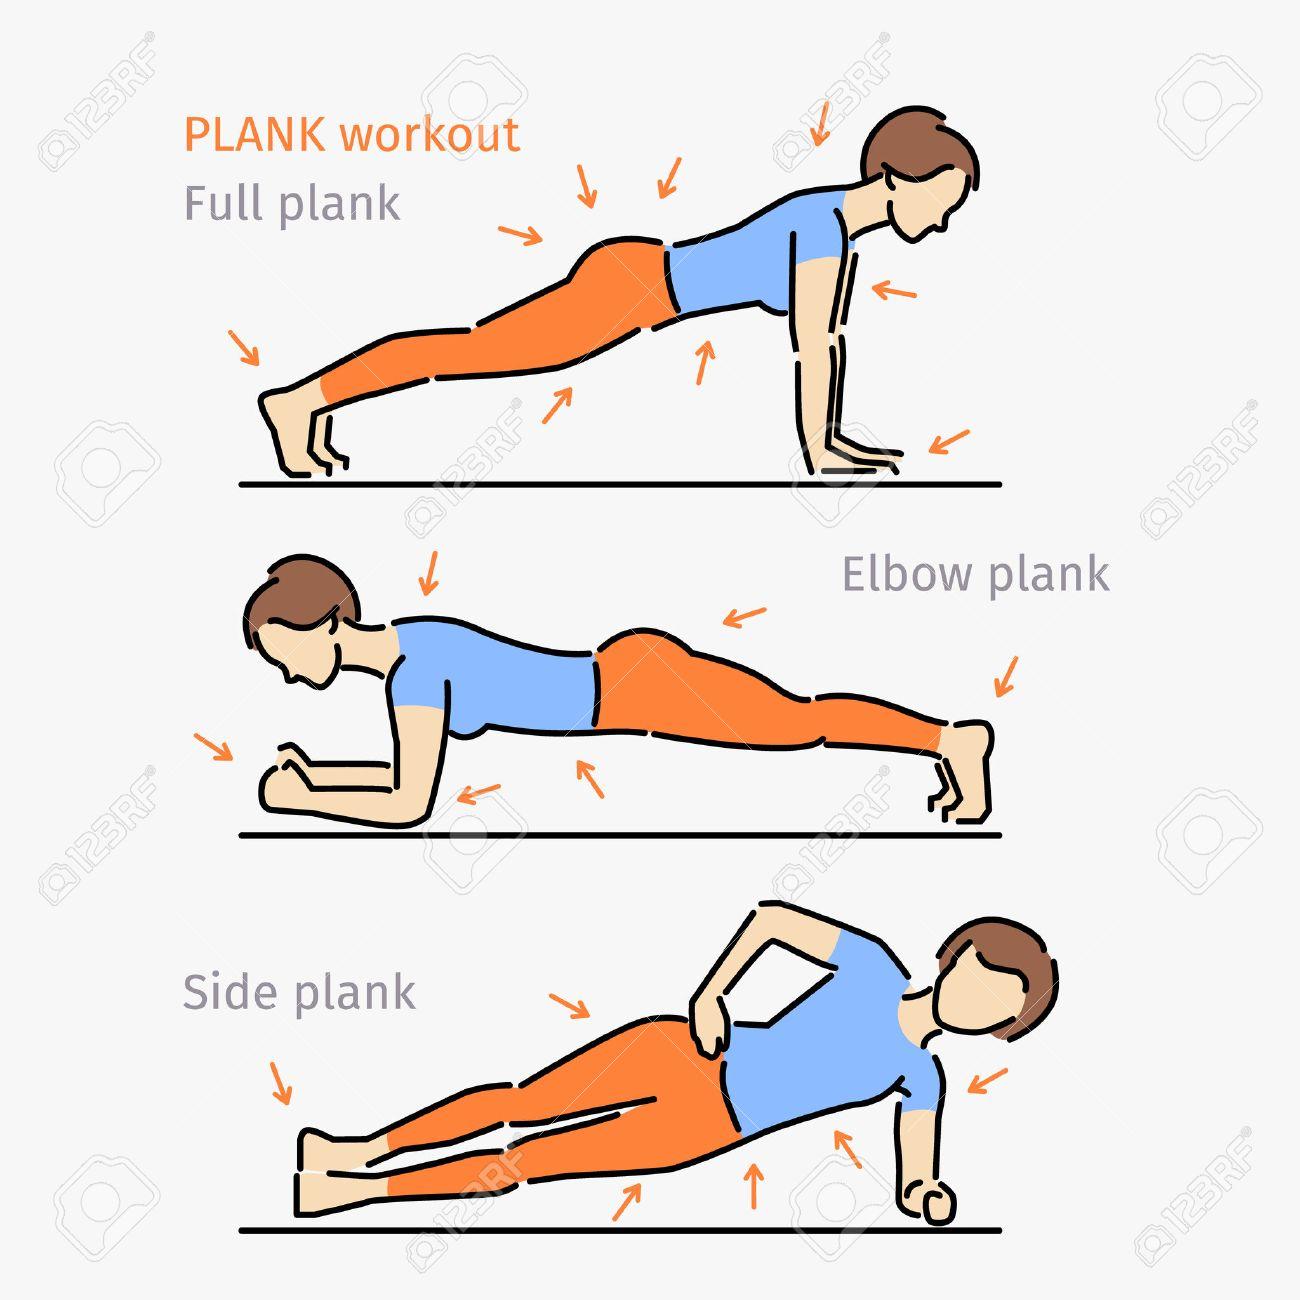 Plank Seance D Entrainement Femme Faisant Corps Parfait Avec L Exercice De La Planche Clip Art Libres De Droits Vecteurs Et Illustration Image 58021039